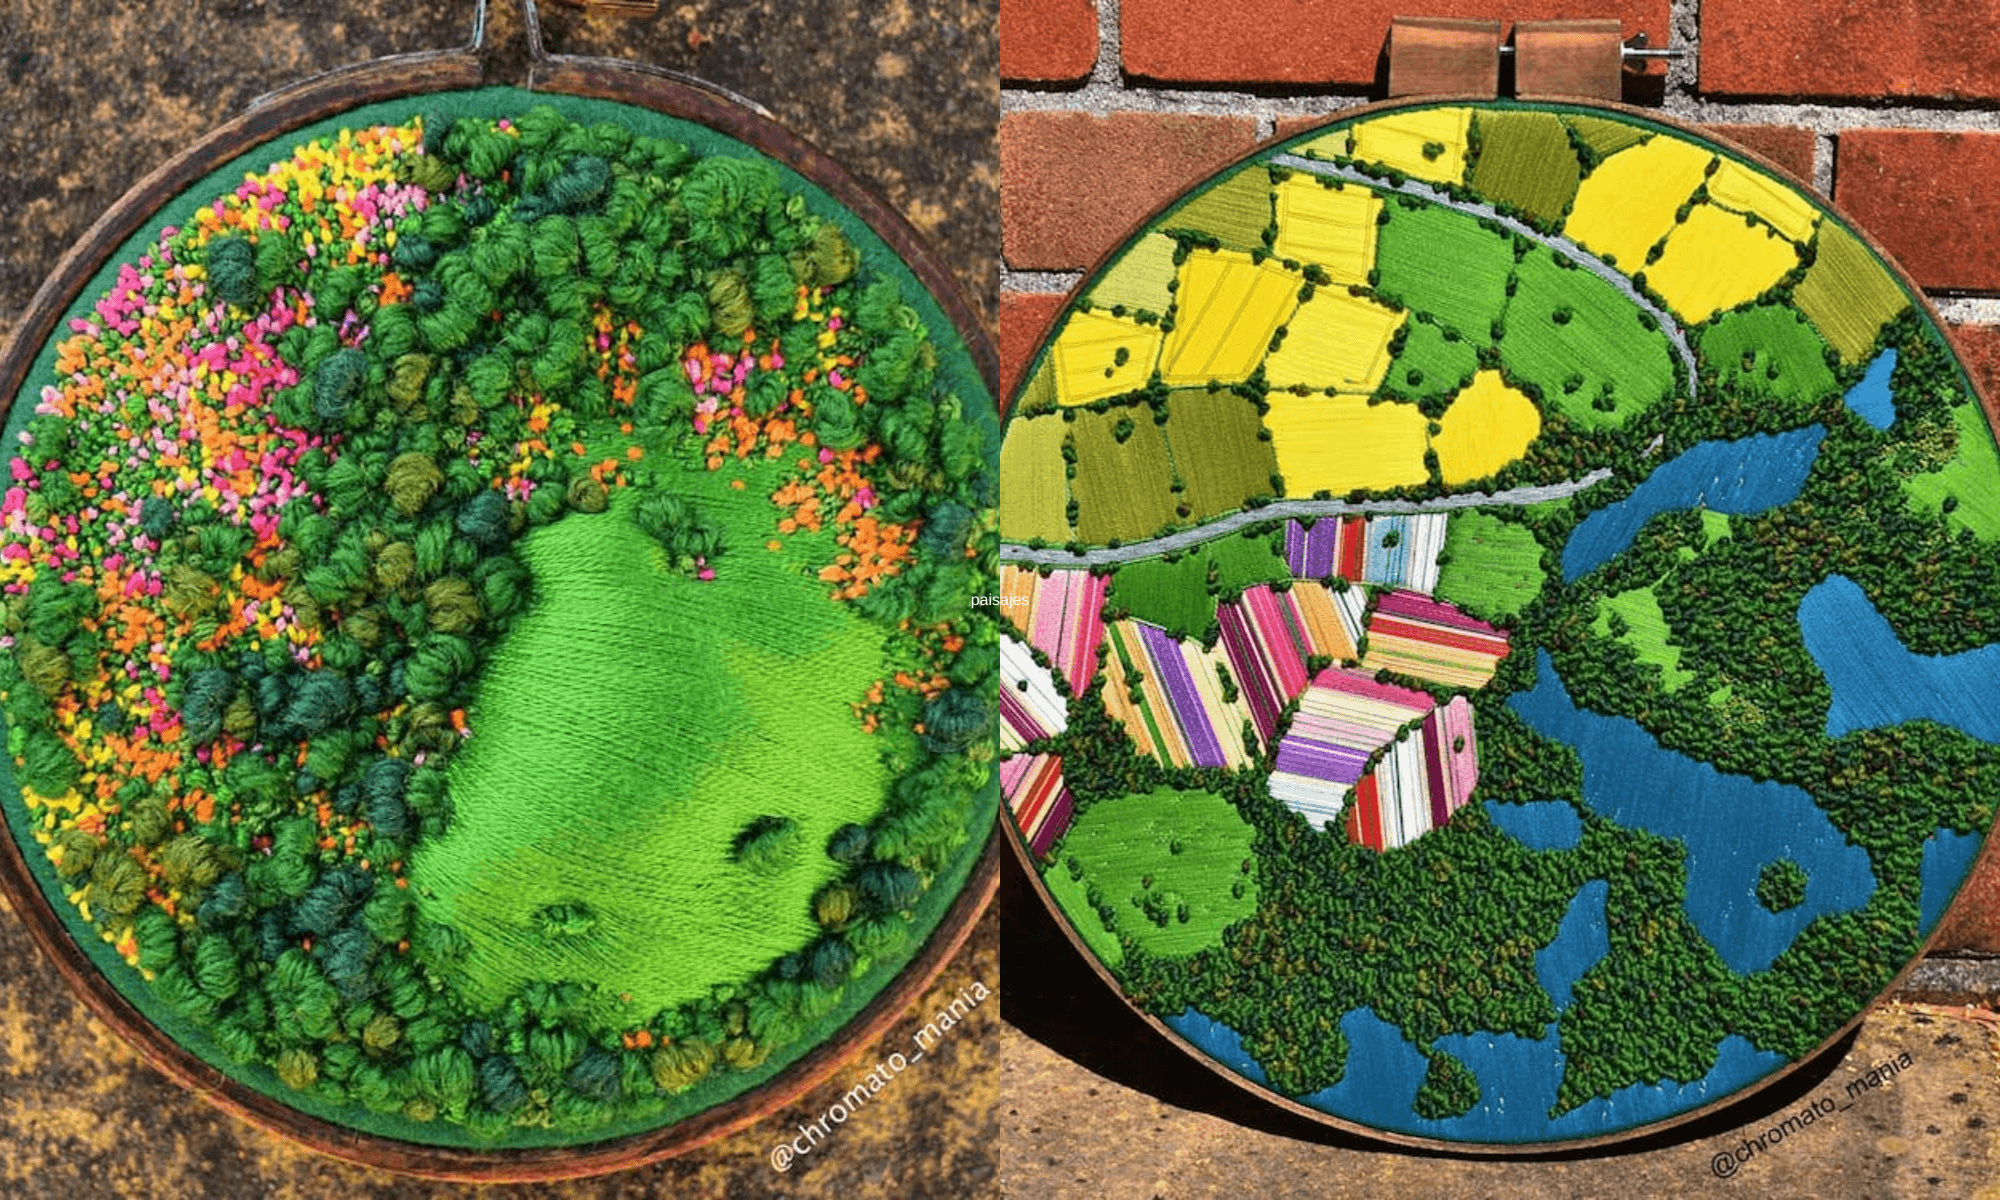 Estos bordados 3D de paisajes capturan coloridas vistas aéreas de las zonas rurales de Inglaterra 1